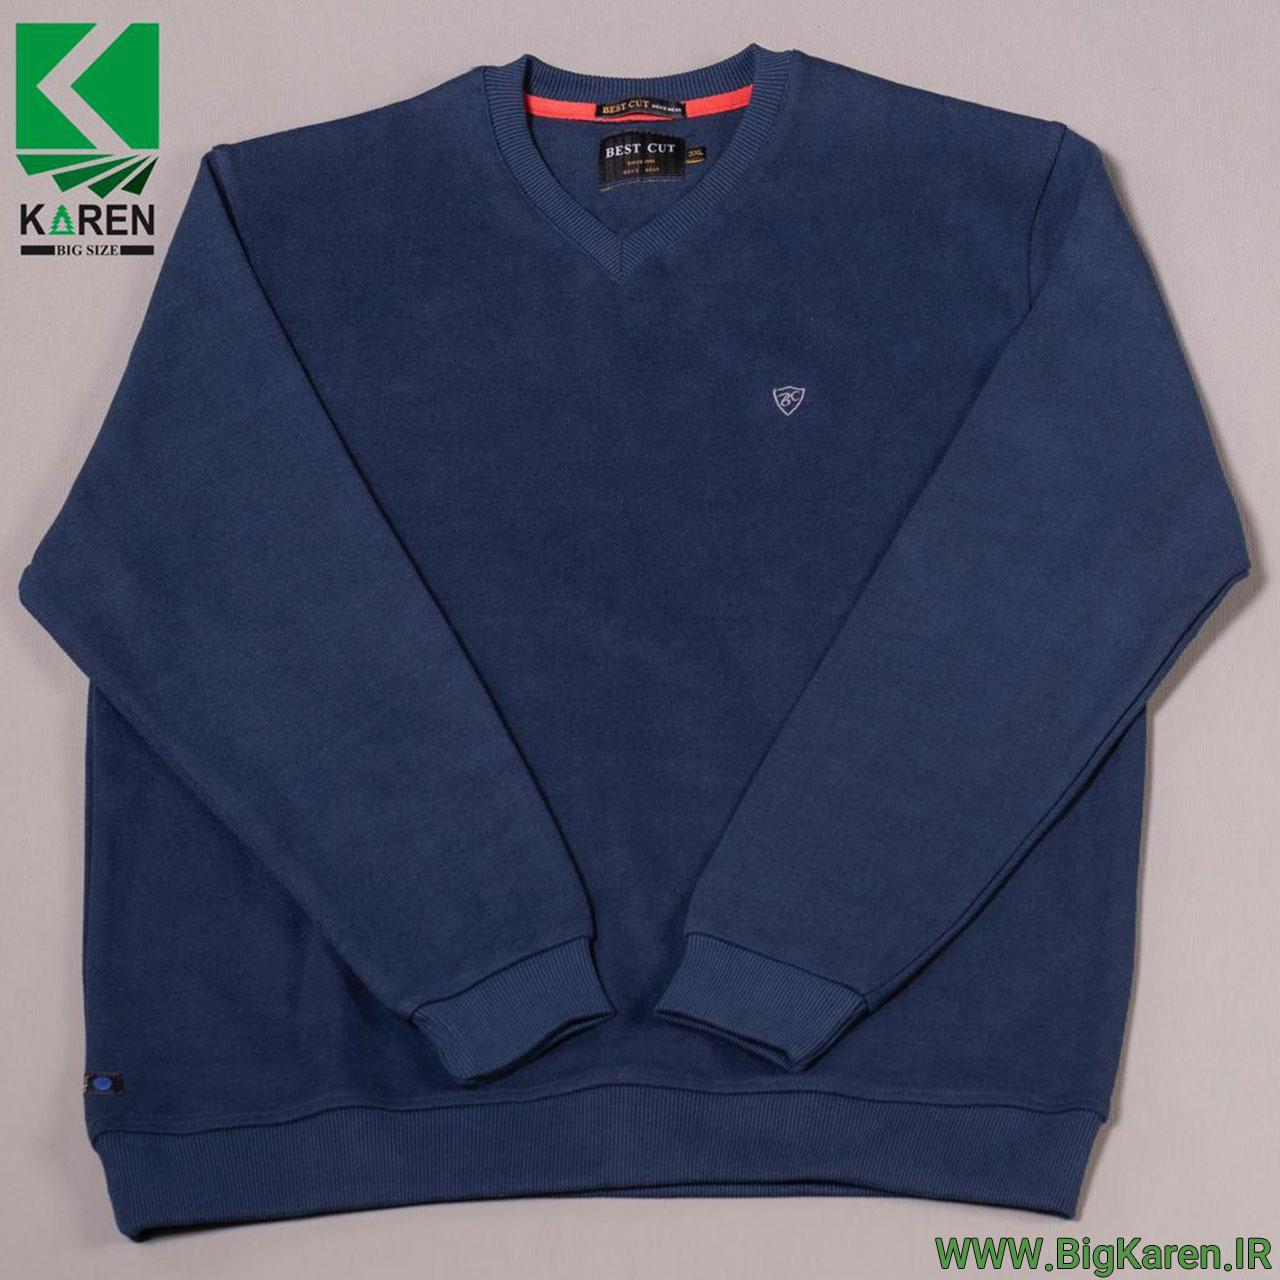 بلوز سایز بزرگ سلانیک یقه هفت مردانه رنگ آبی خرید اینترنتی از سایت بیگ کارن